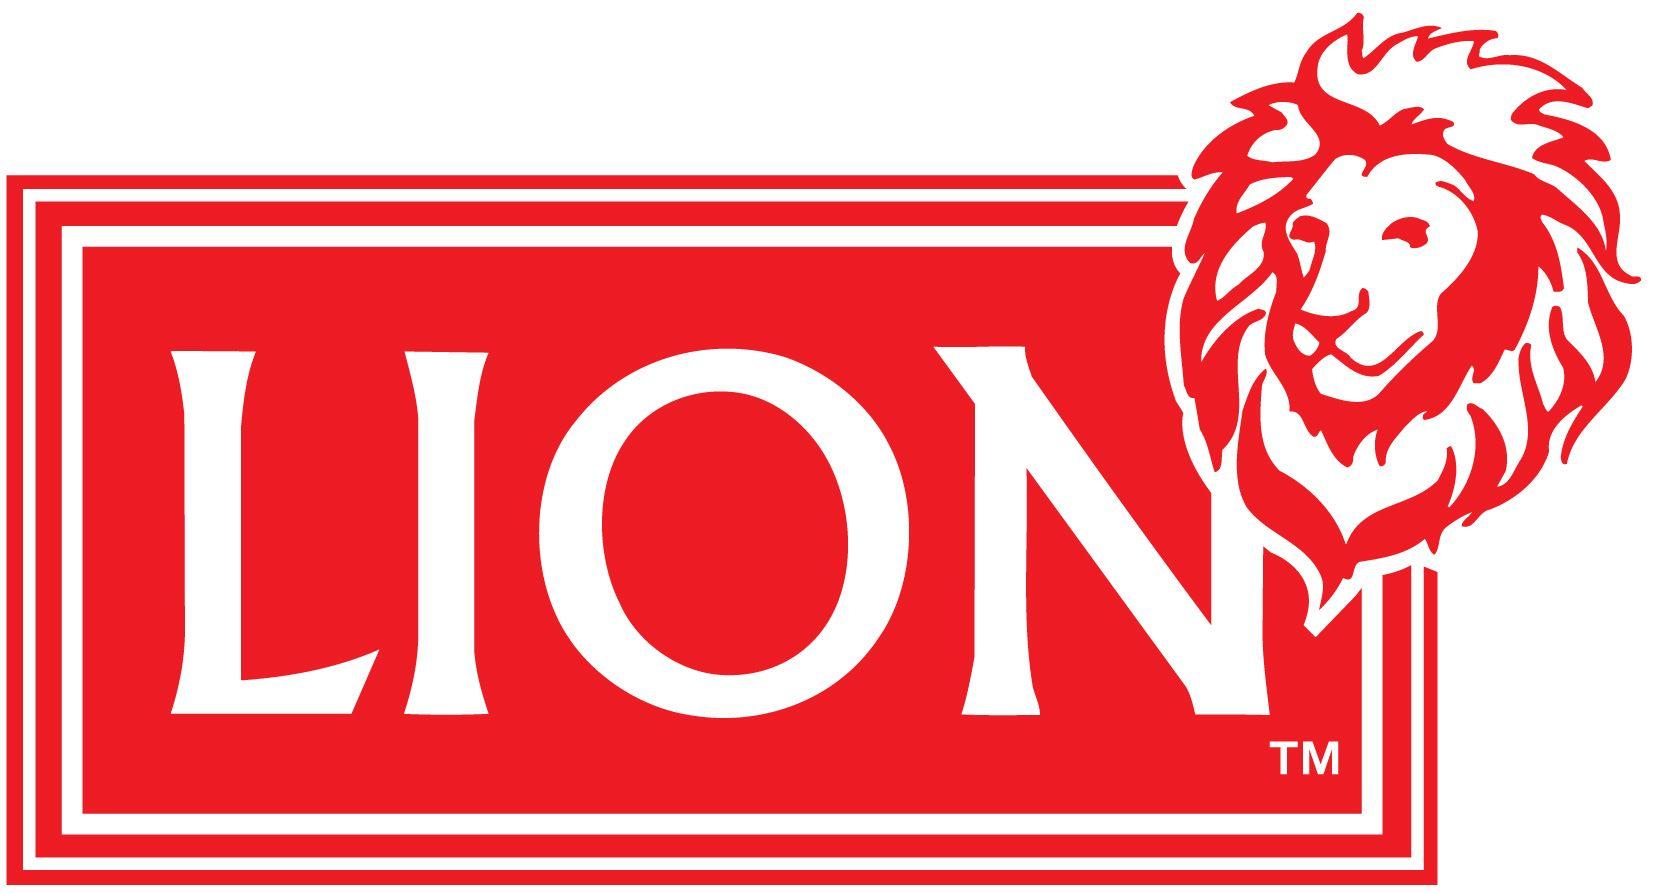 https://www.lionpic.co.uk/